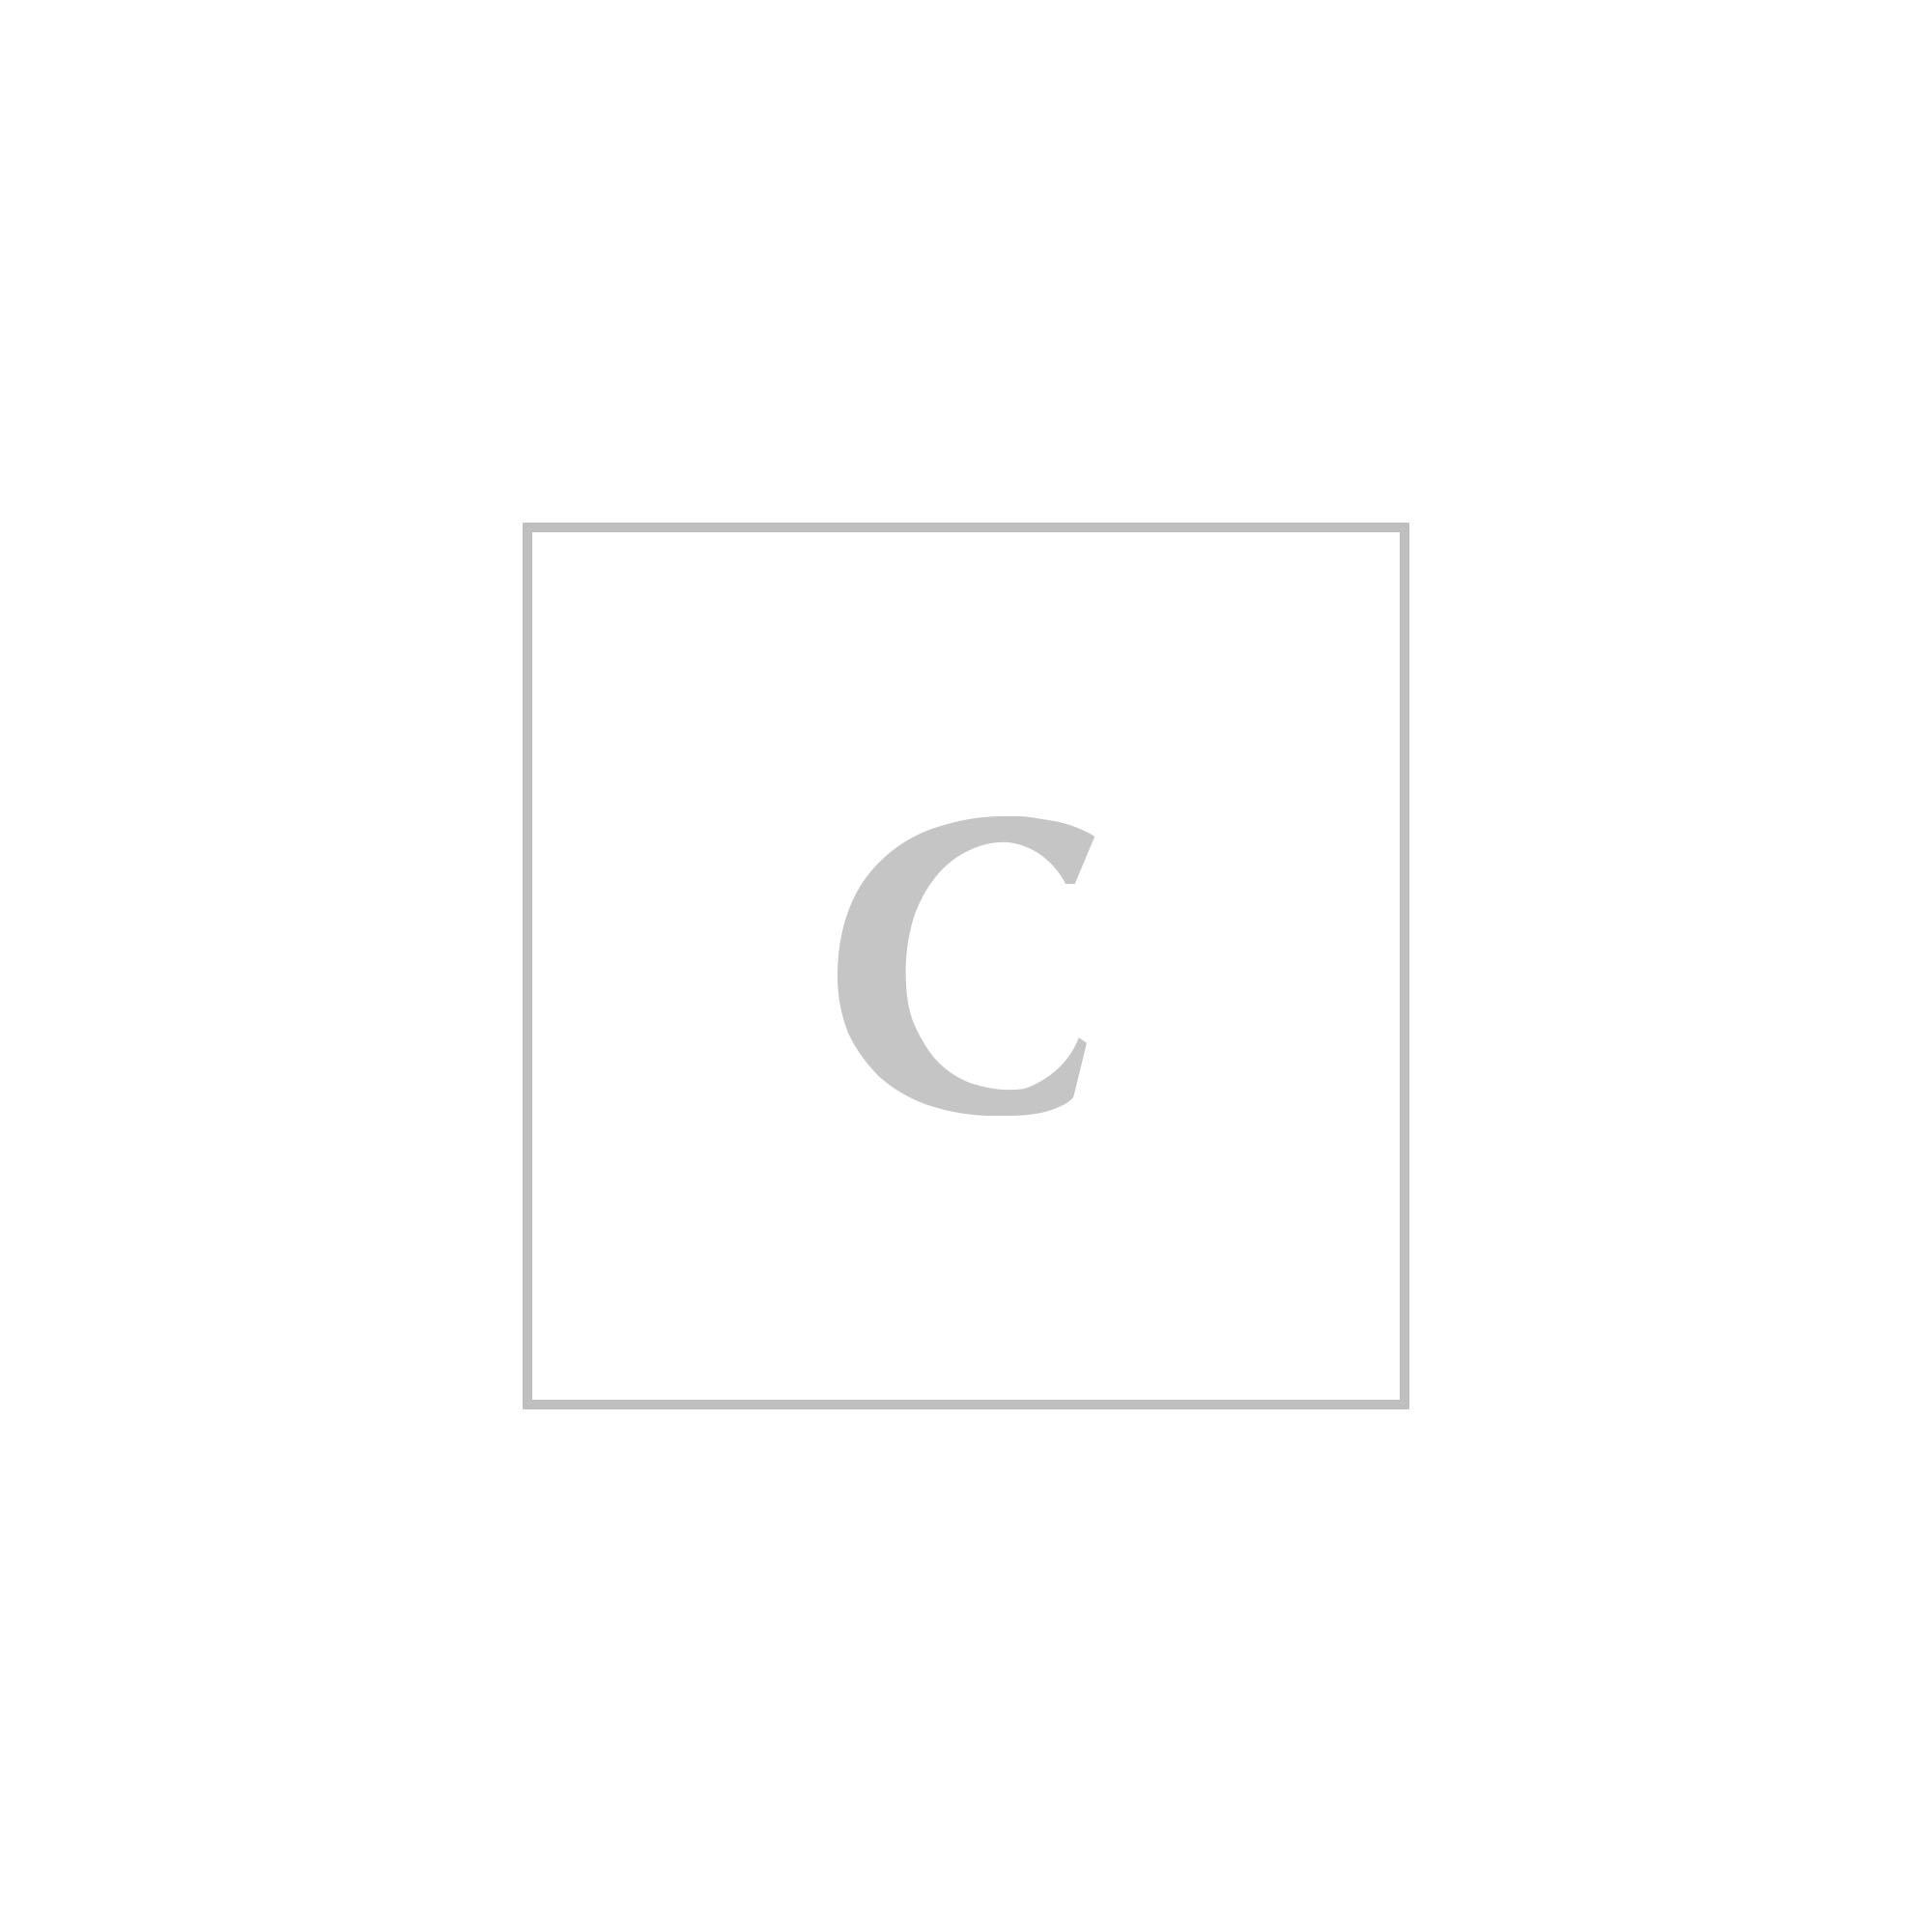 Moncler giubbotto pelamide